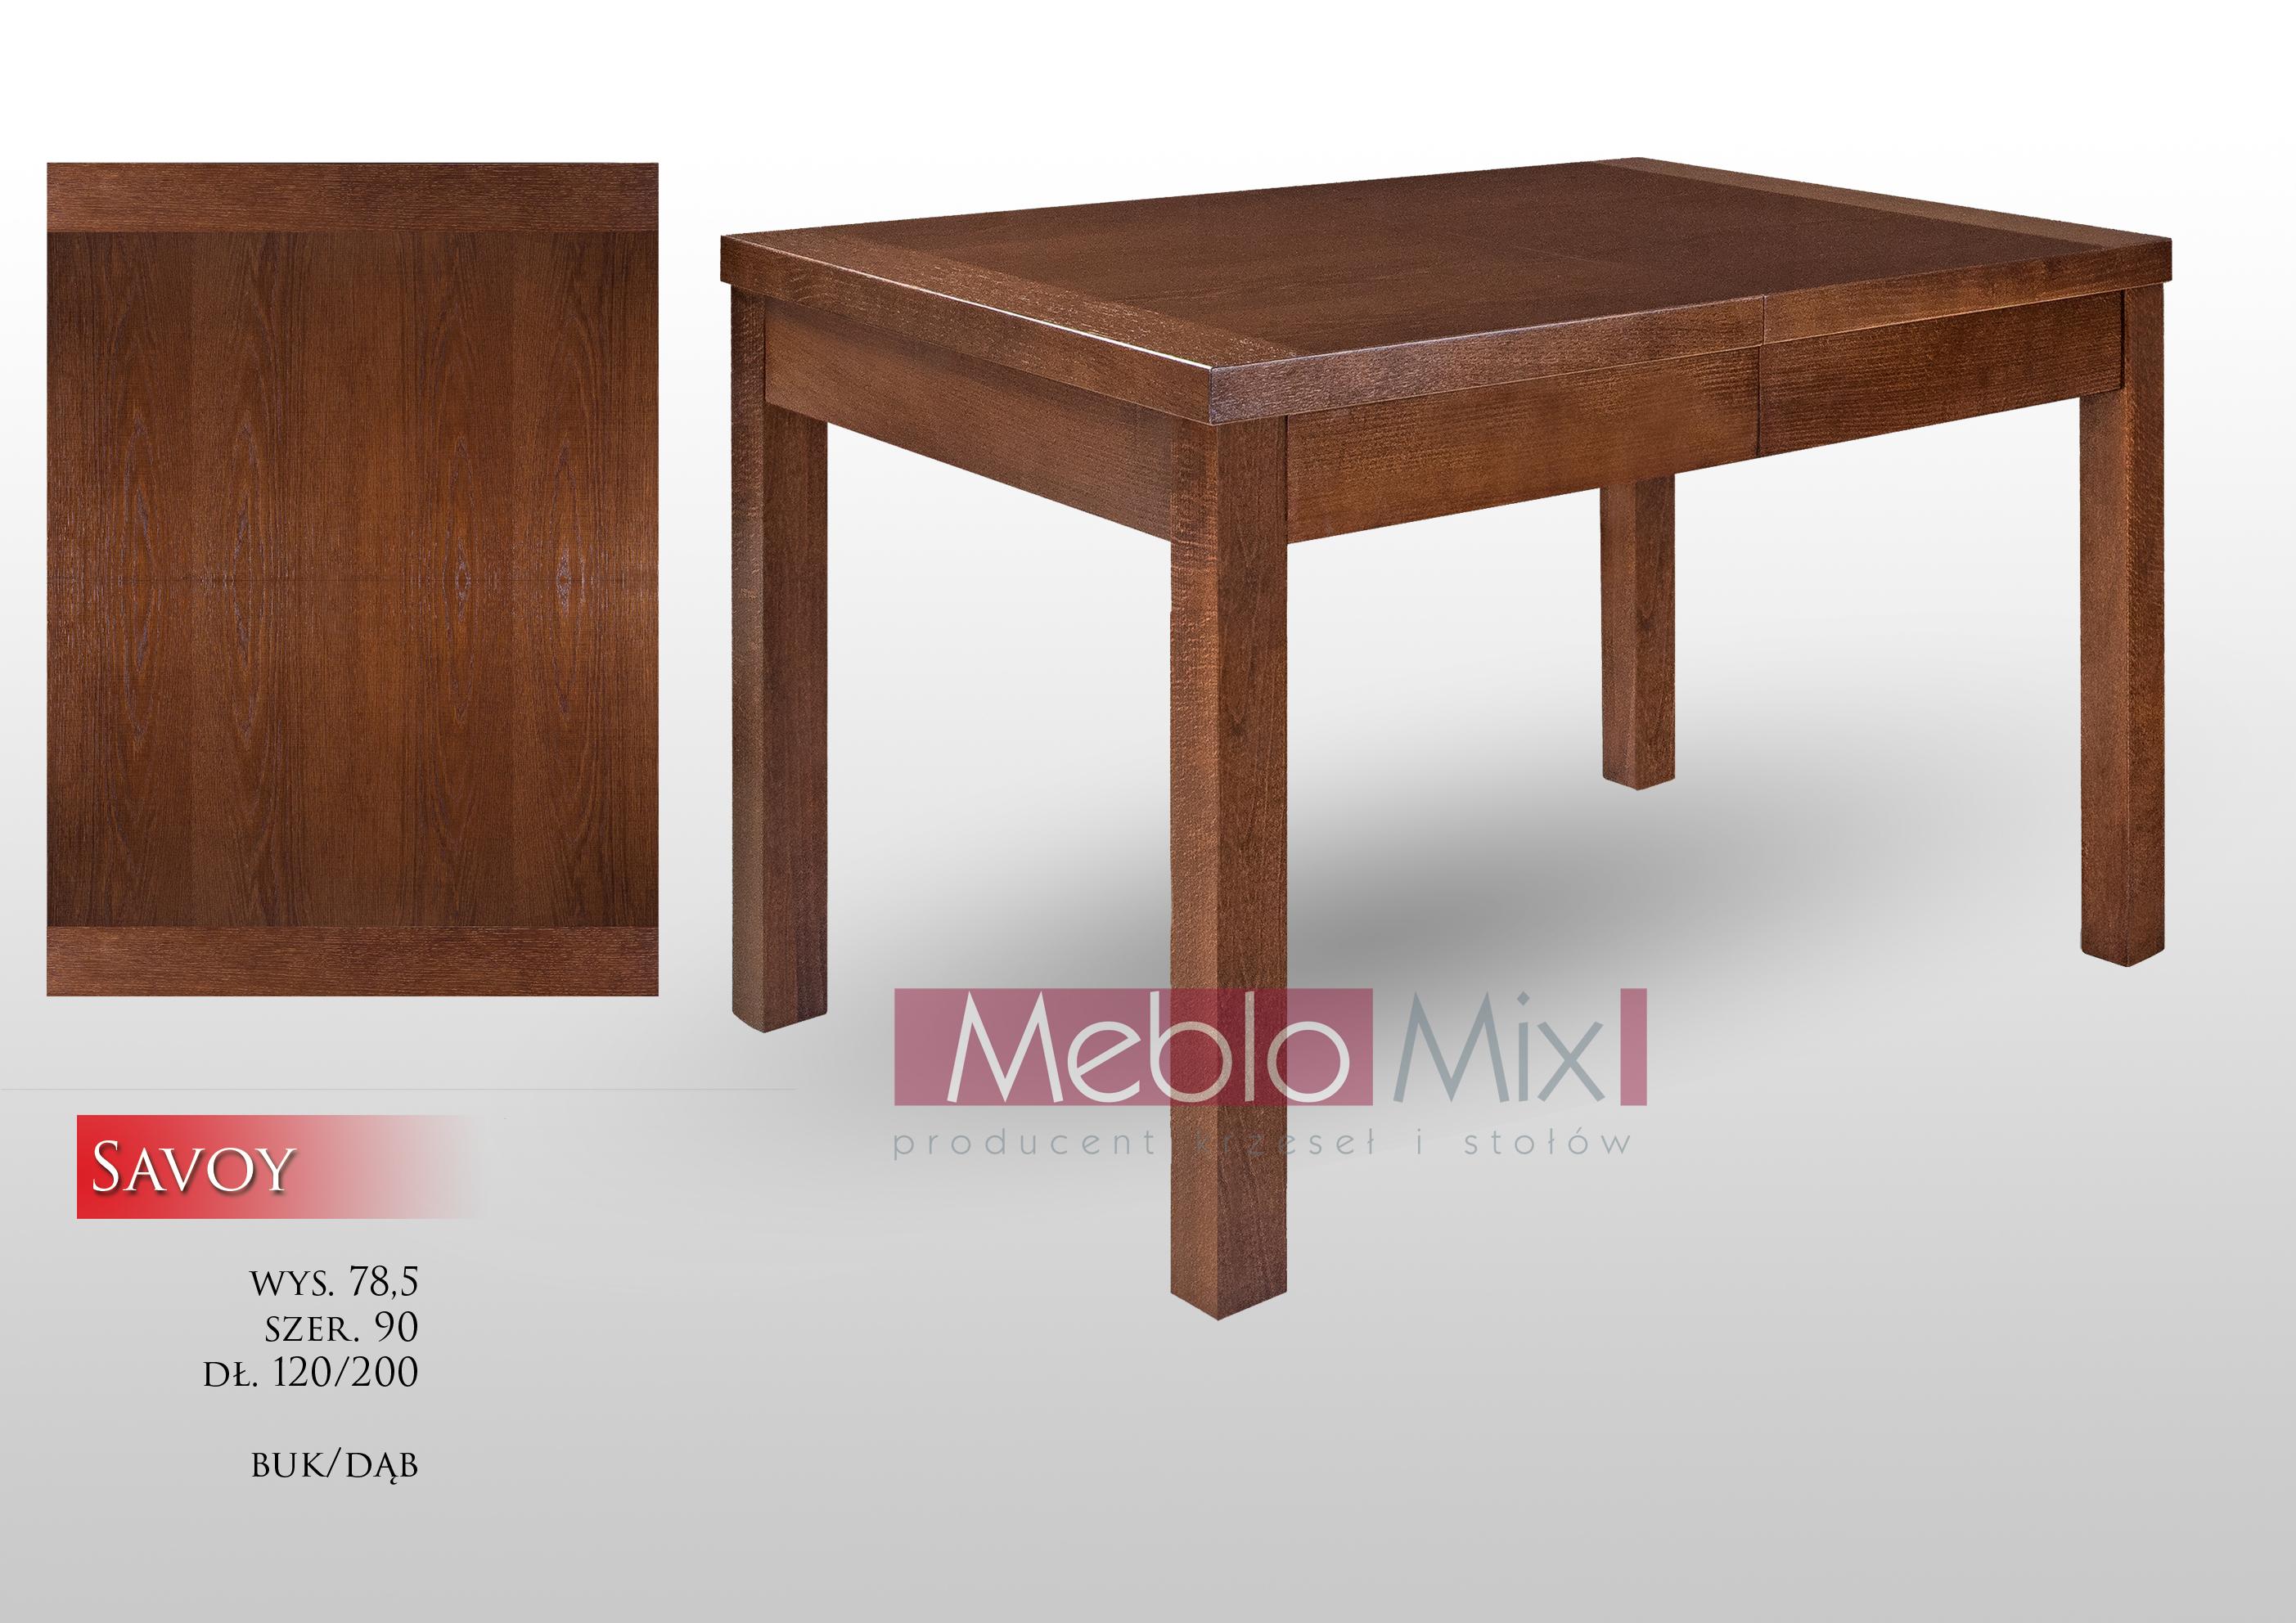 stol-savoy